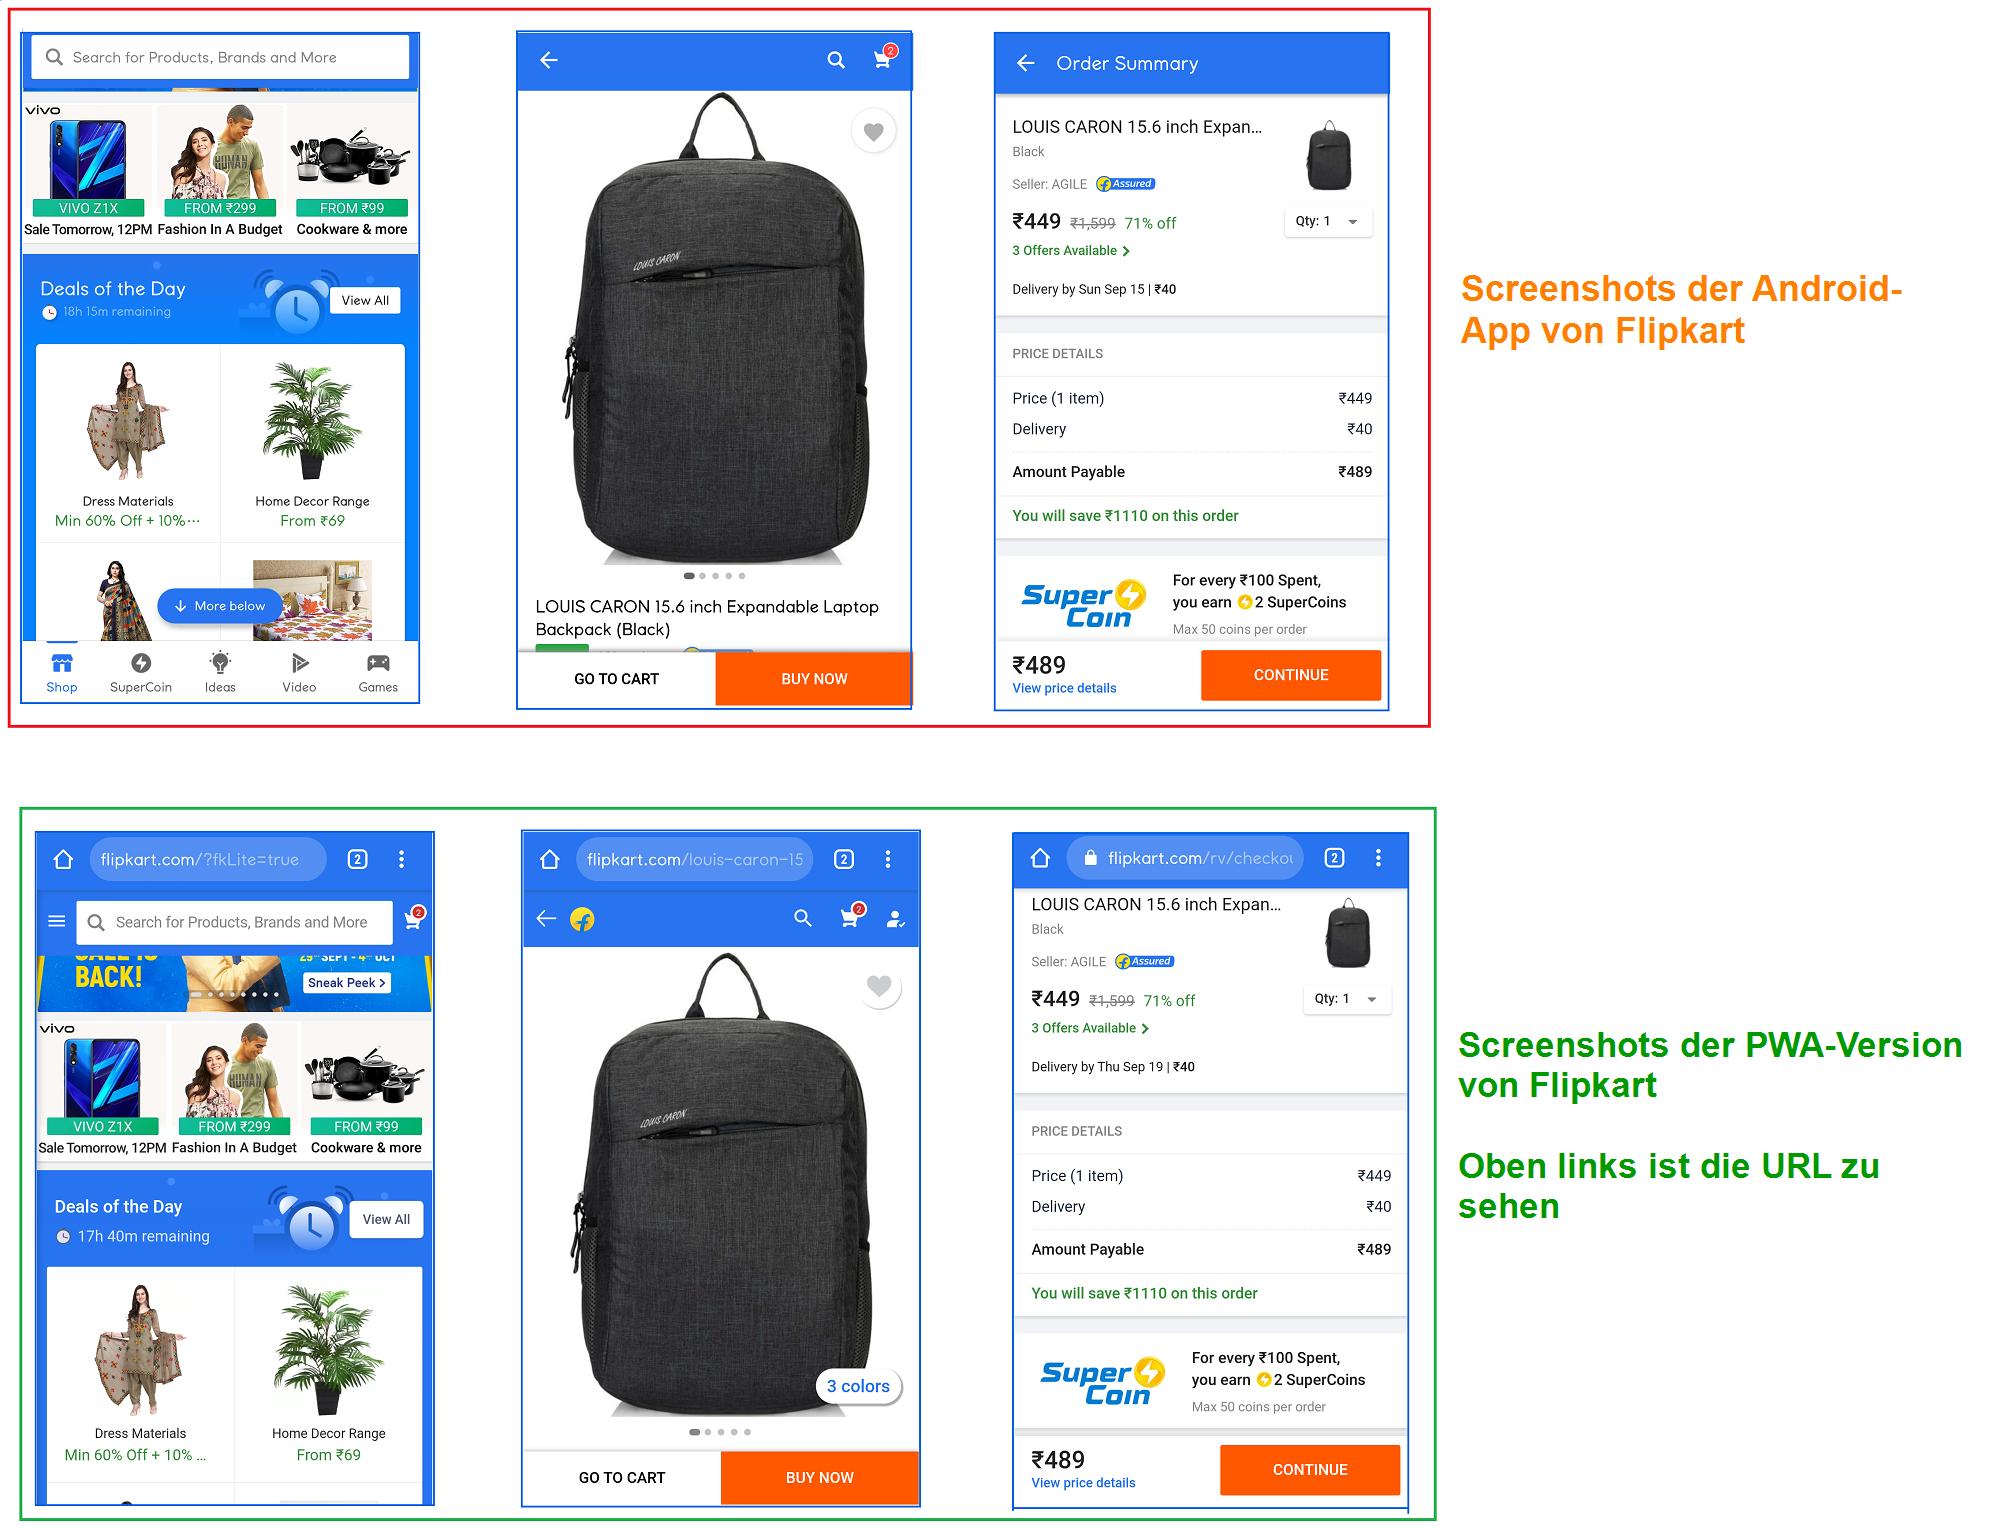 Flipkart: Android-App vs. PWA